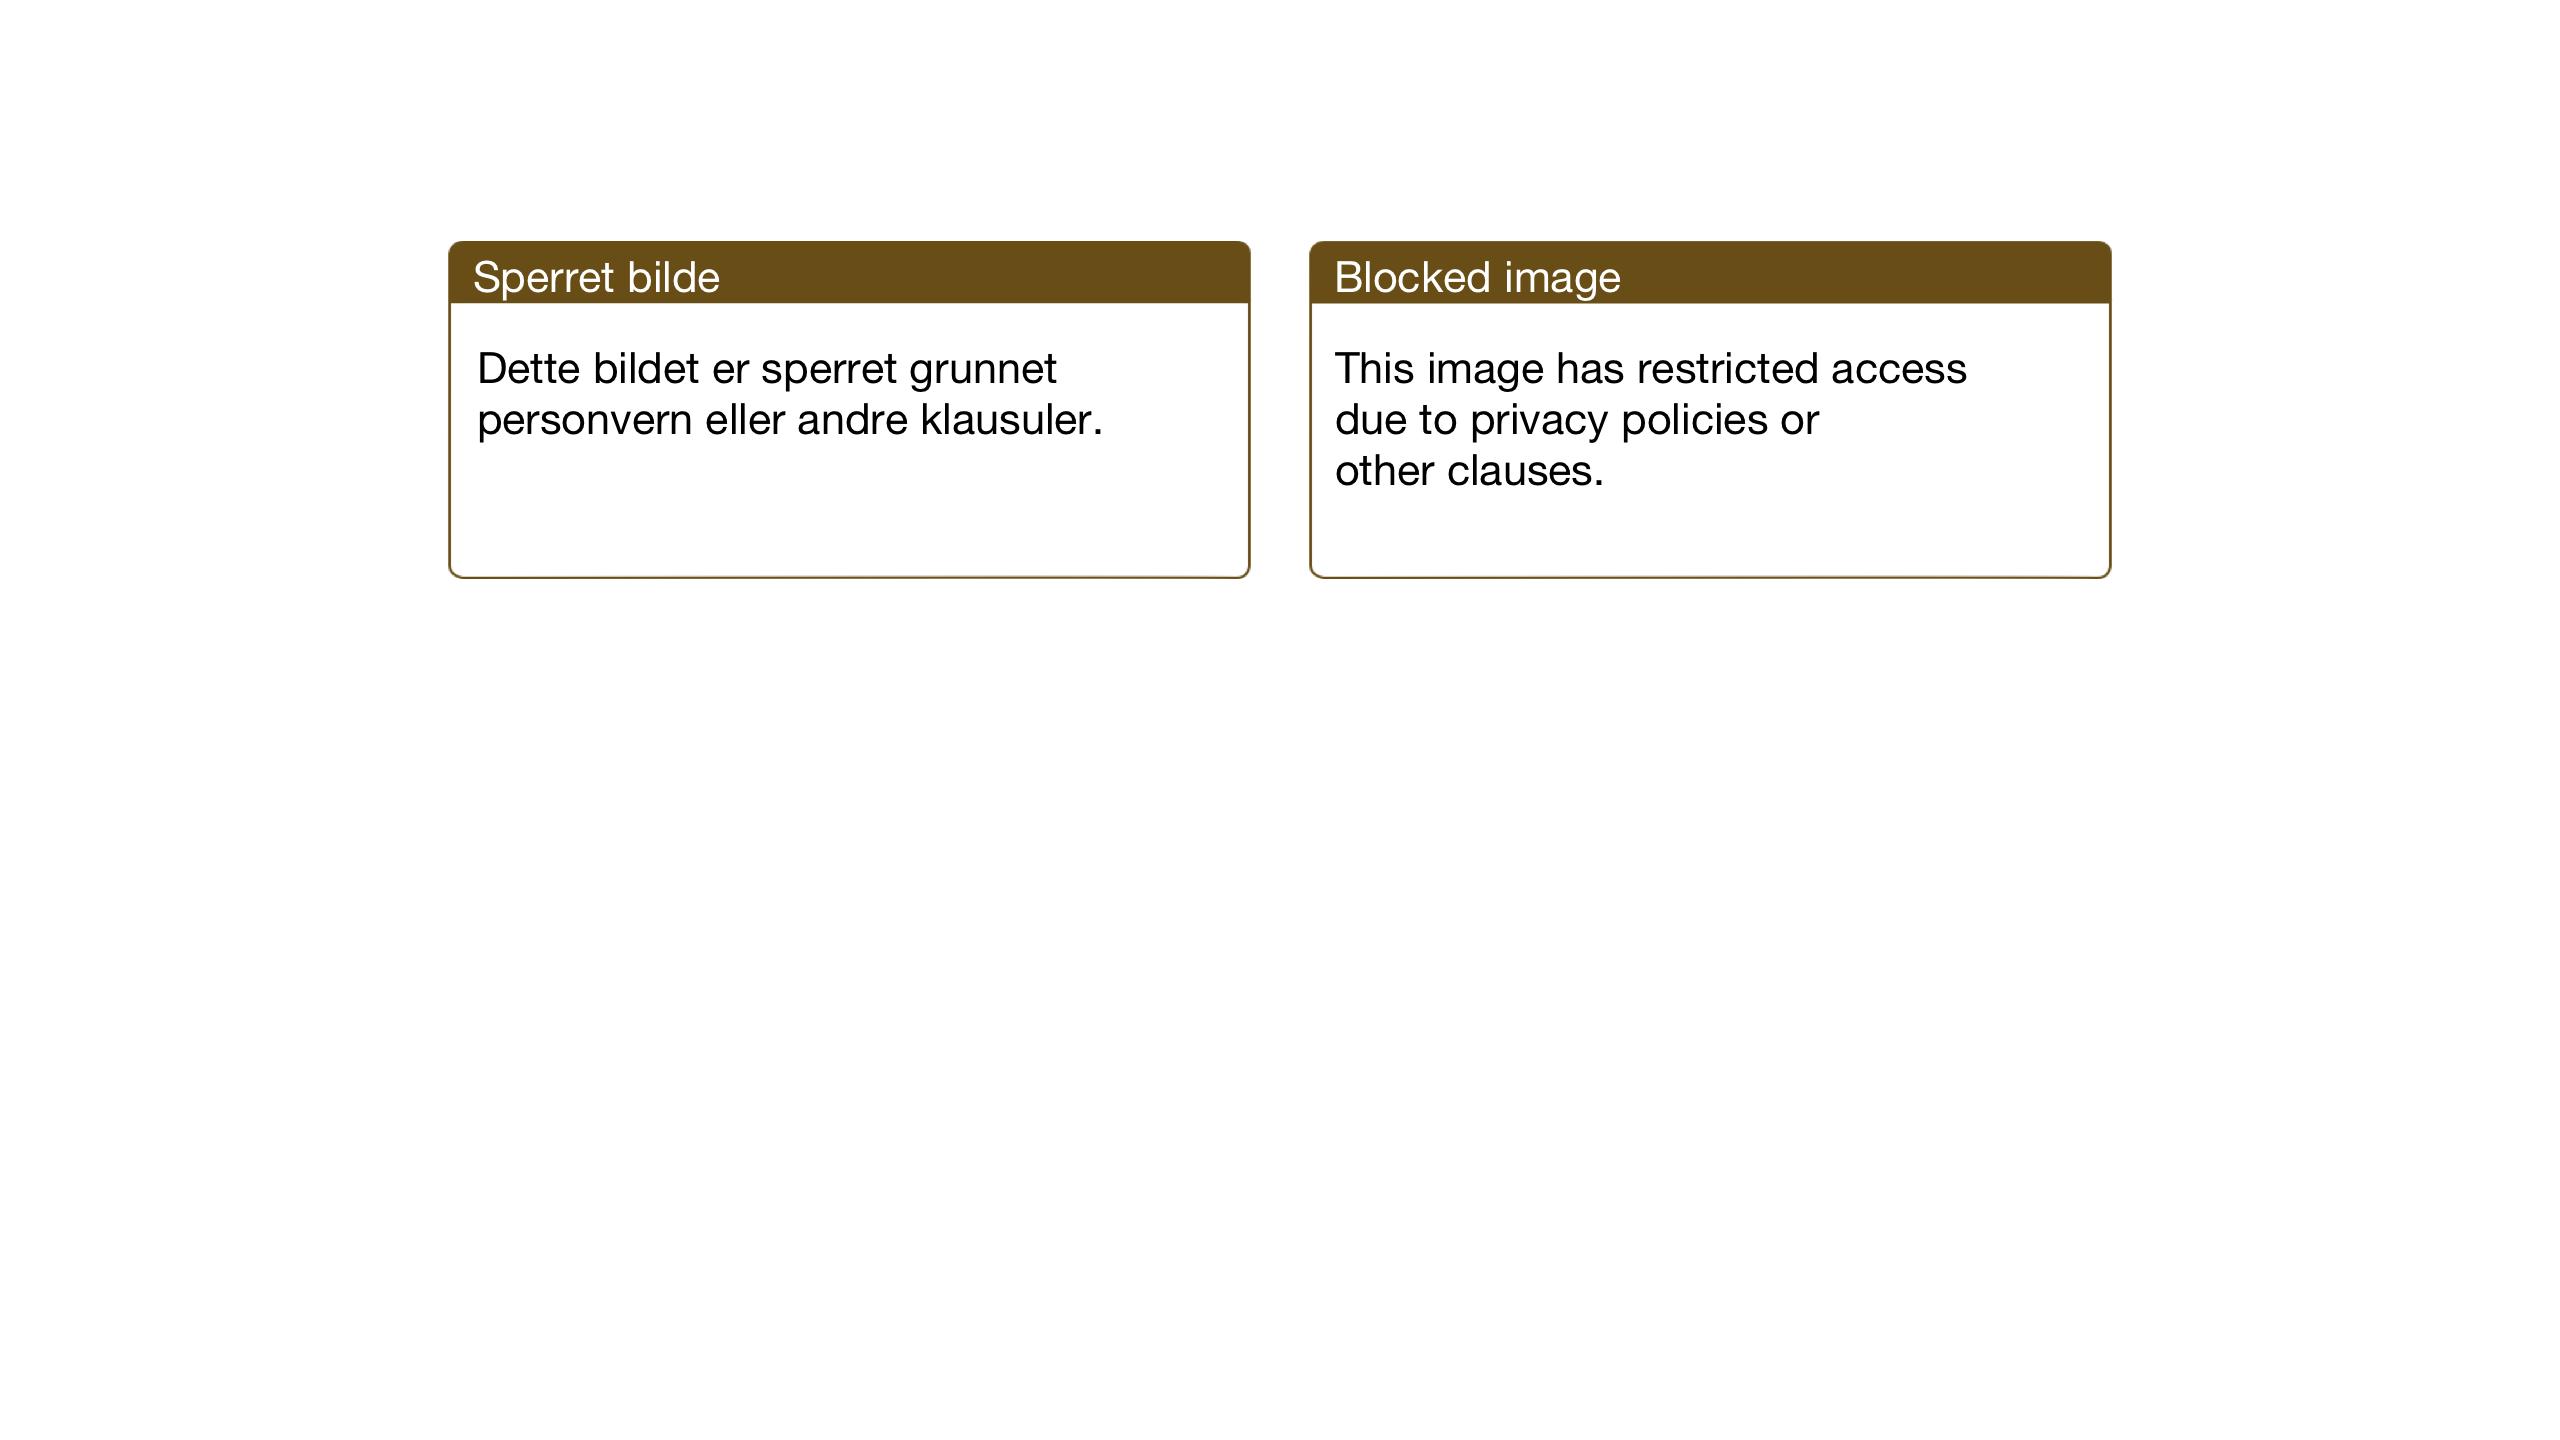 SAT, Ministerialprotokoller, klokkerbøker og fødselsregistre - Nord-Trøndelag, 768/L0583: Klokkerbok nr. 768C01, 1928-1953, s. 29